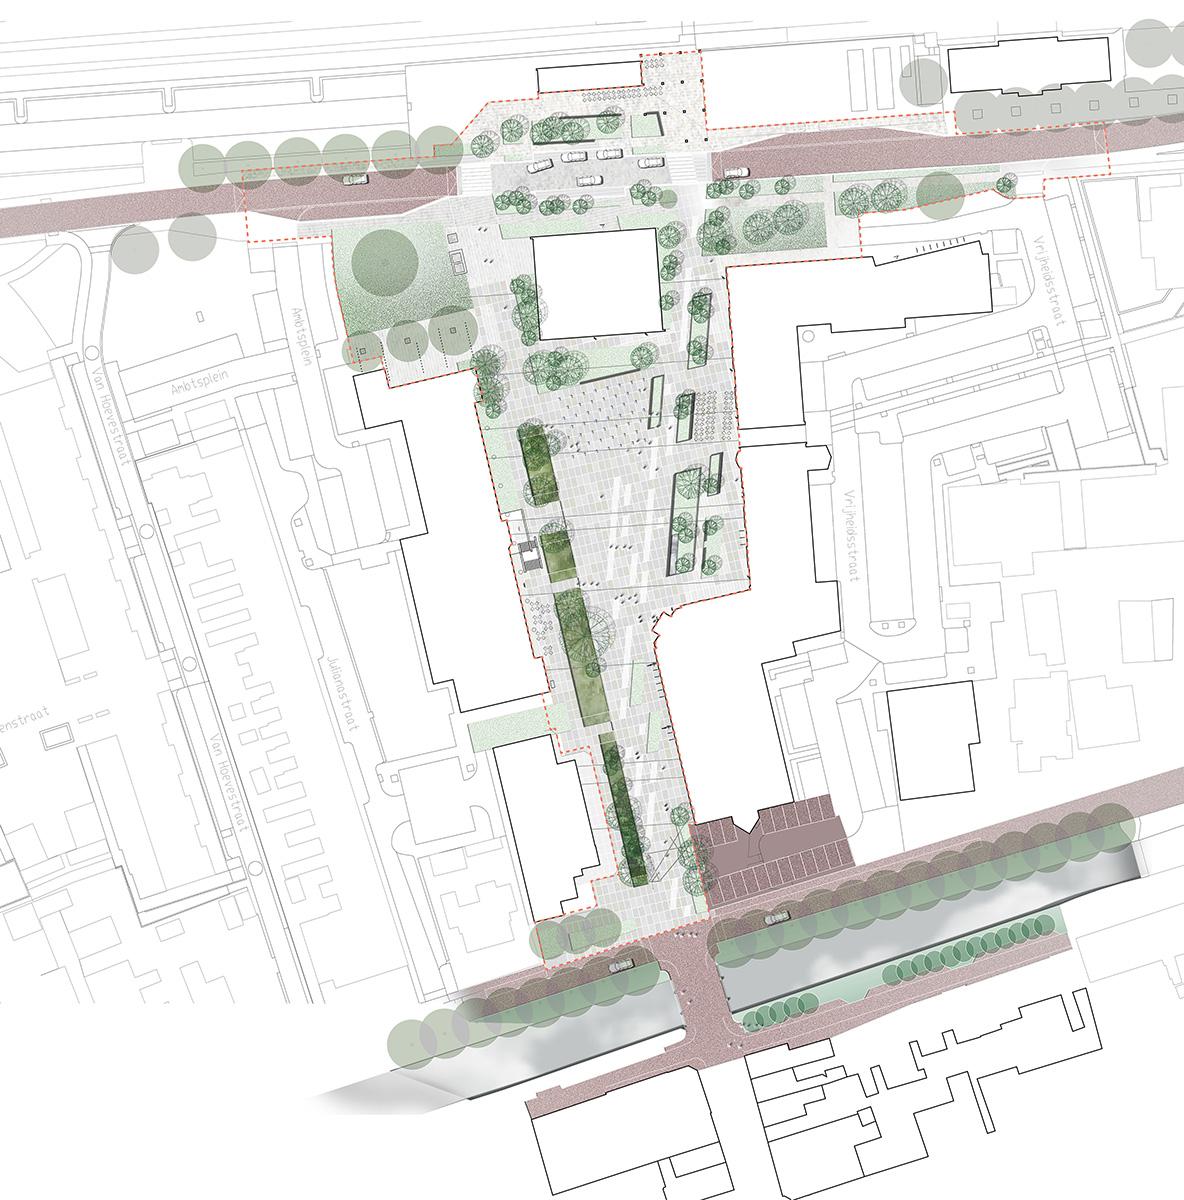 06_BLAD_Reilinghplein_Plankaart_01